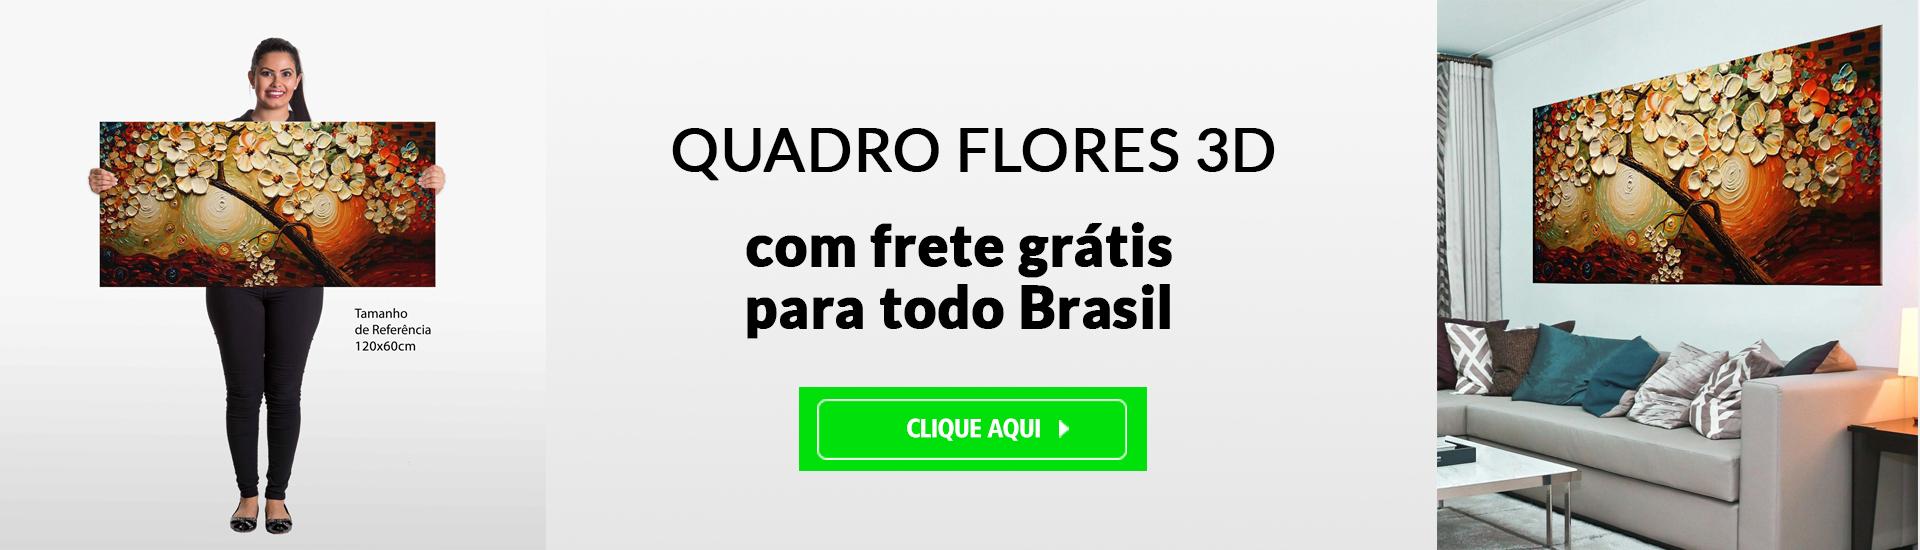 Flor 3D